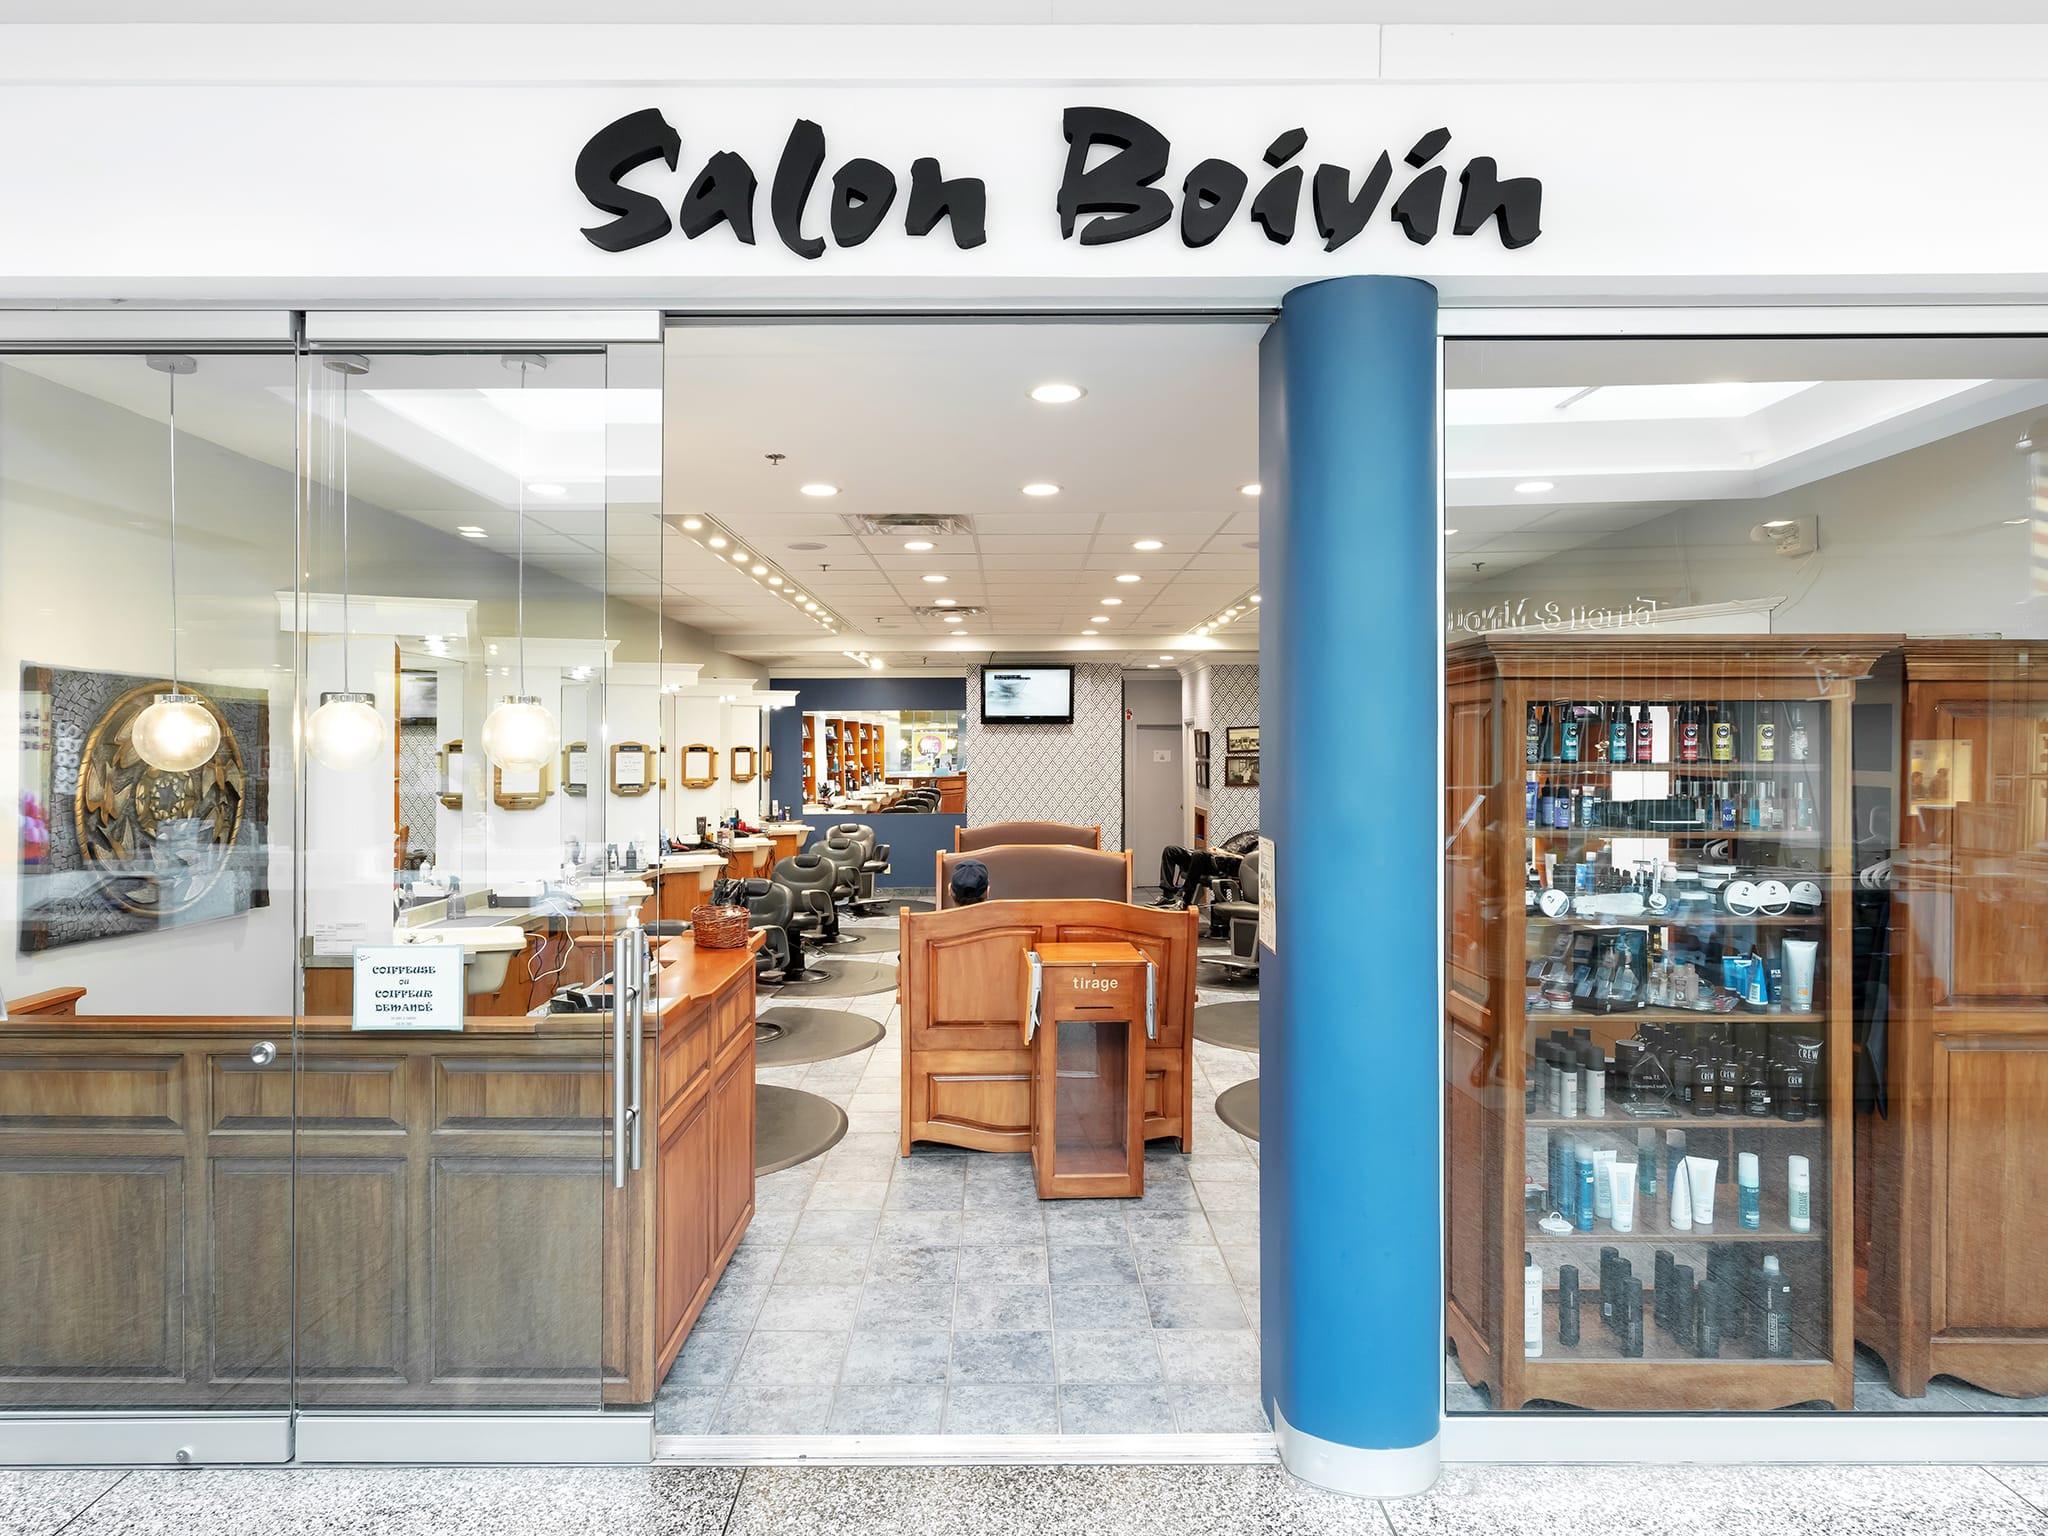 Salon Boivin — Boutiques — Place Longueuil